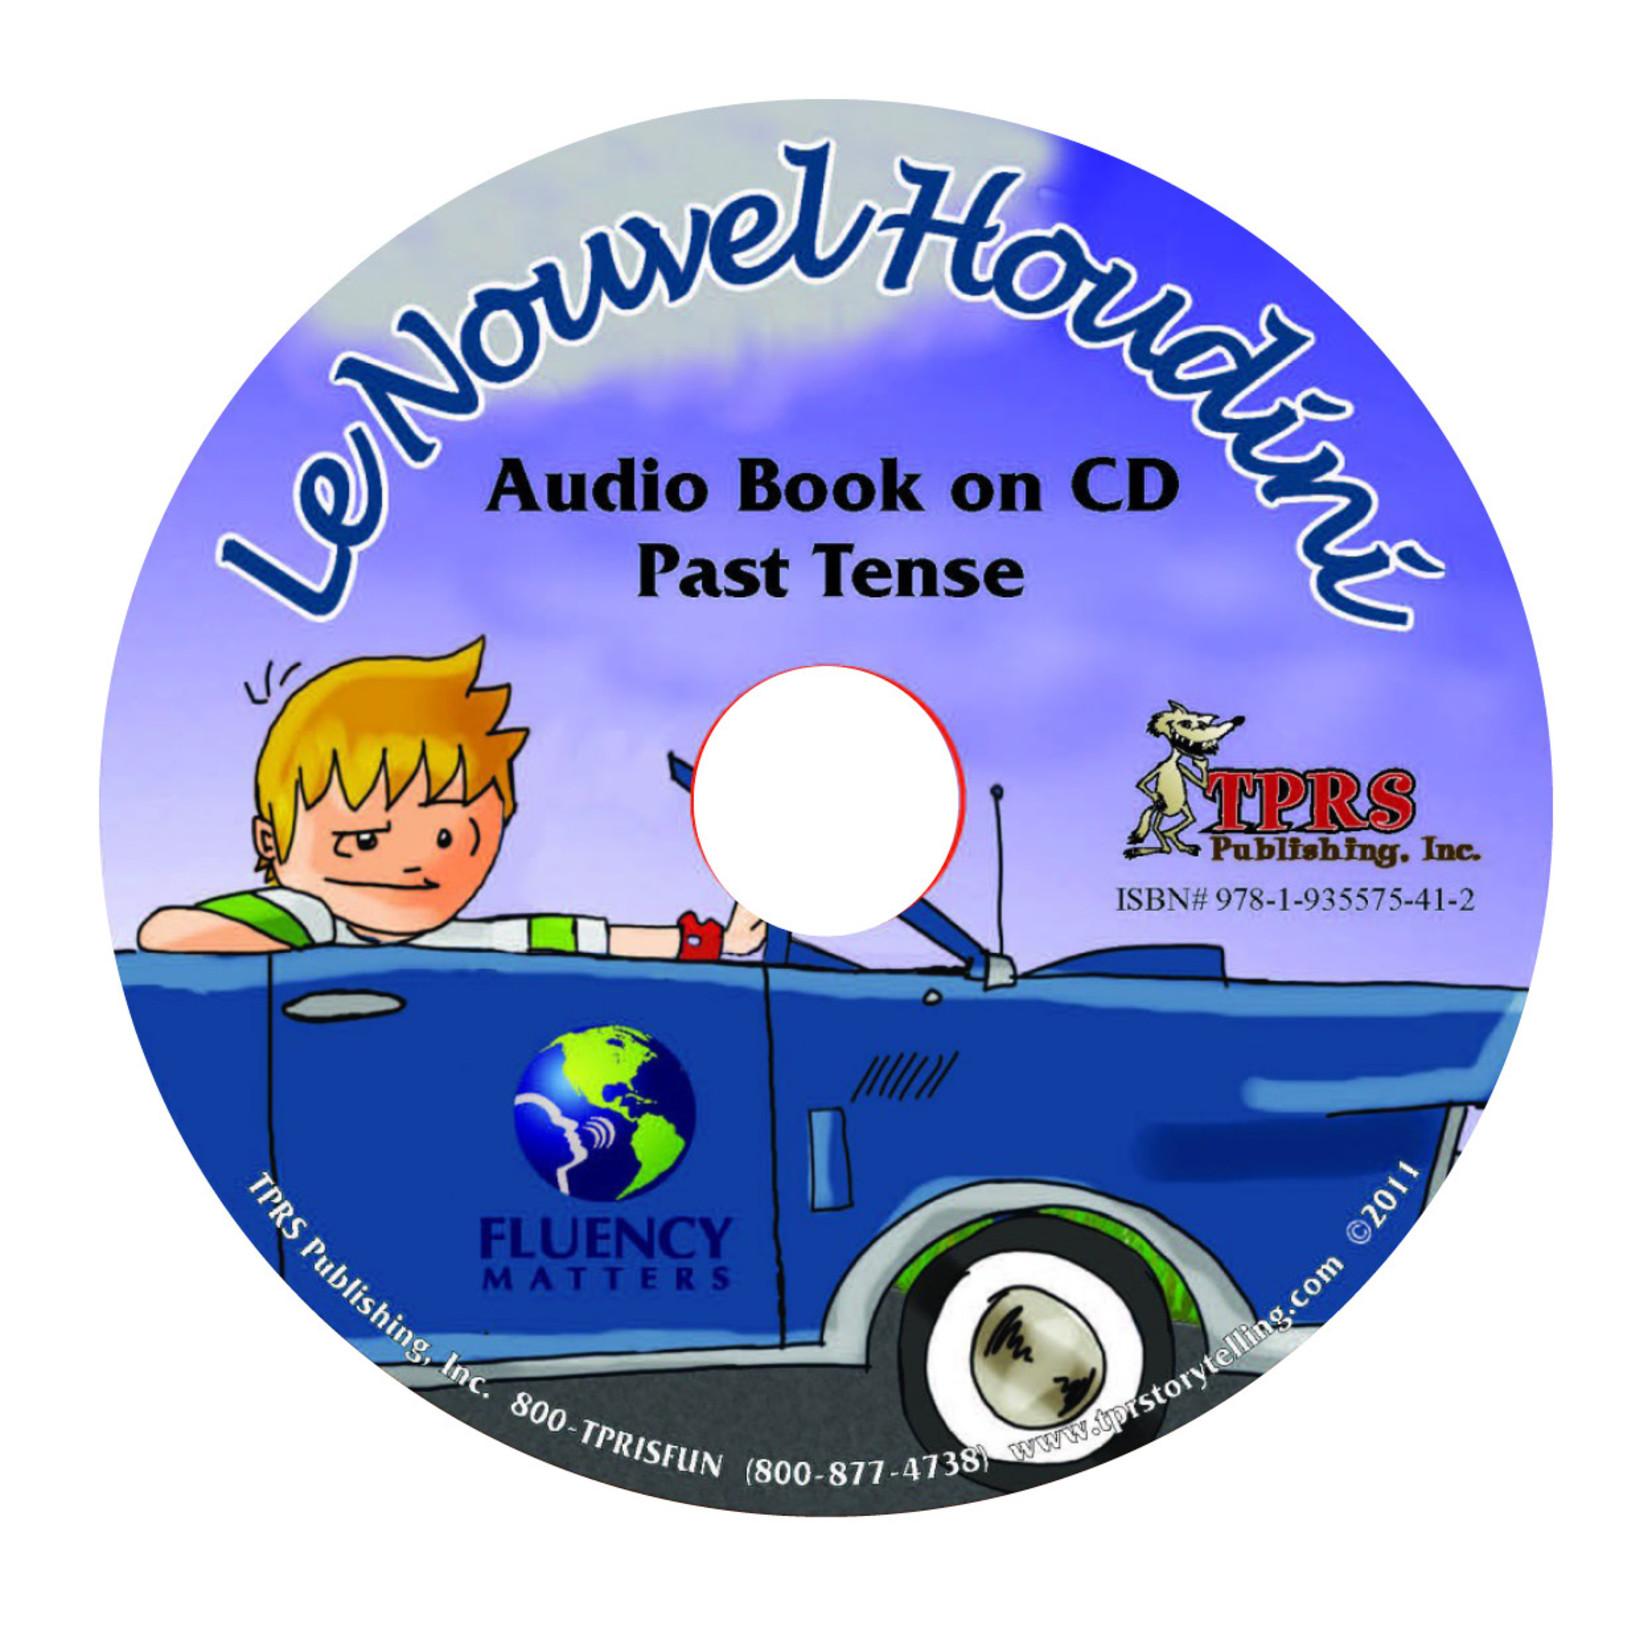 Fluency Matters Le nouvel Houdini - Audio Book